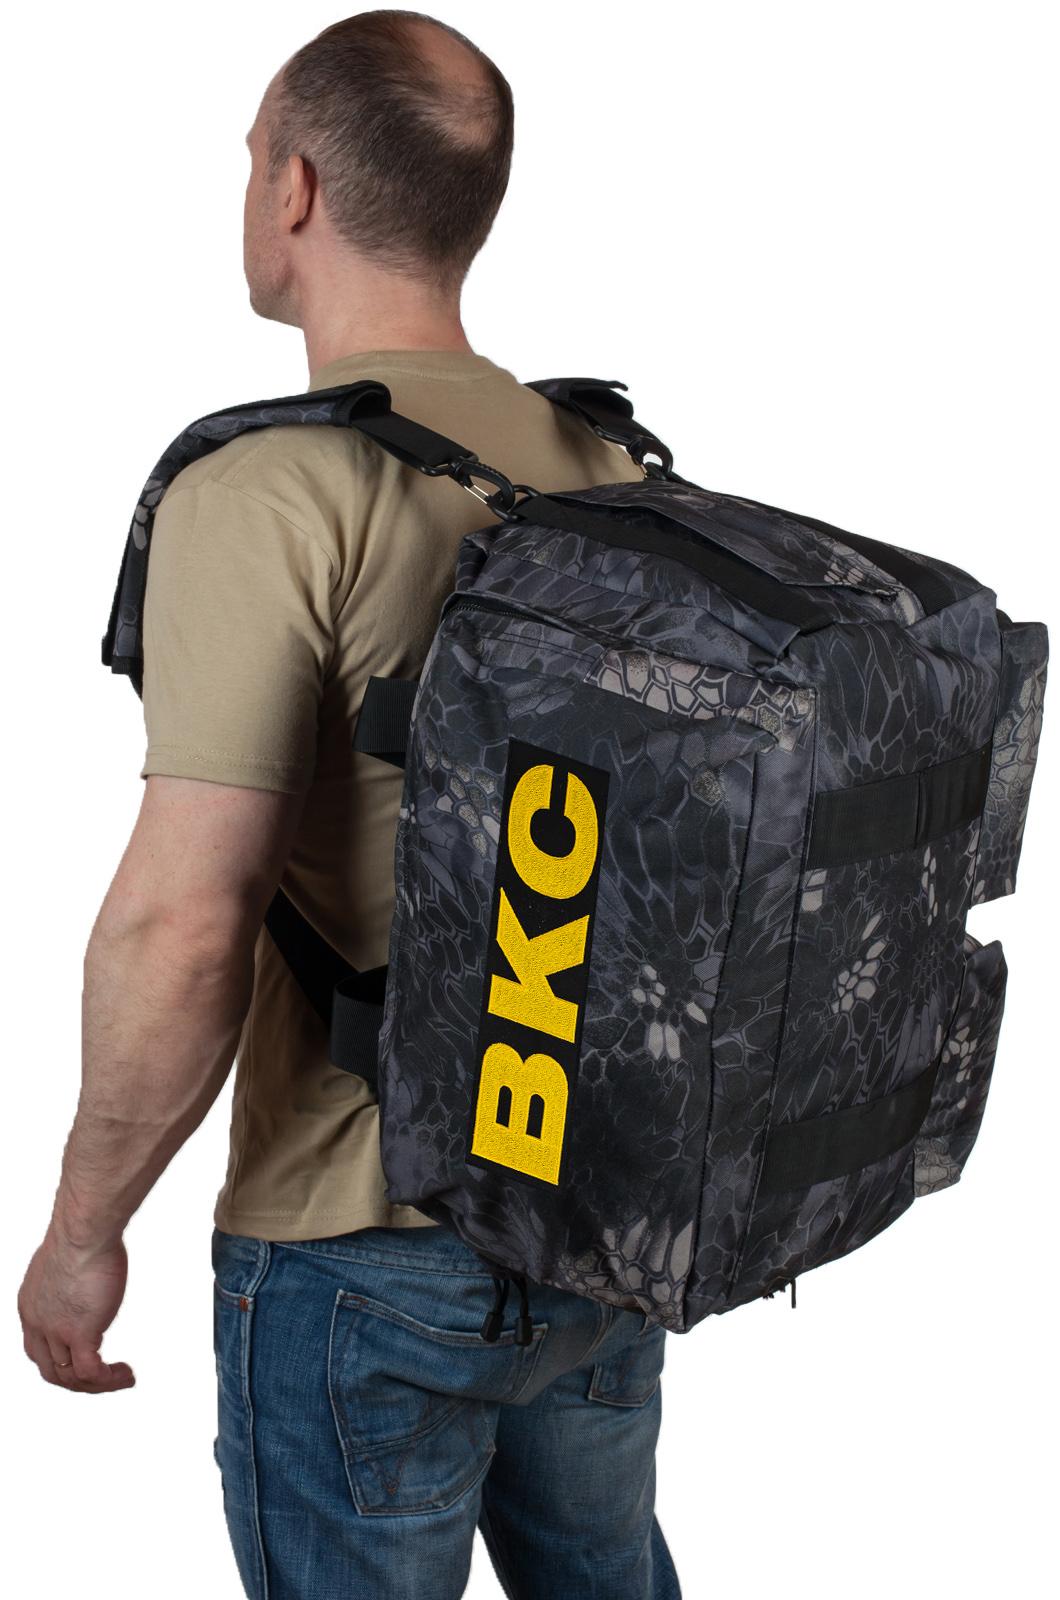 Купить мужскую дорожную сумку с нашивкой ВКС по специальной цене онлайн